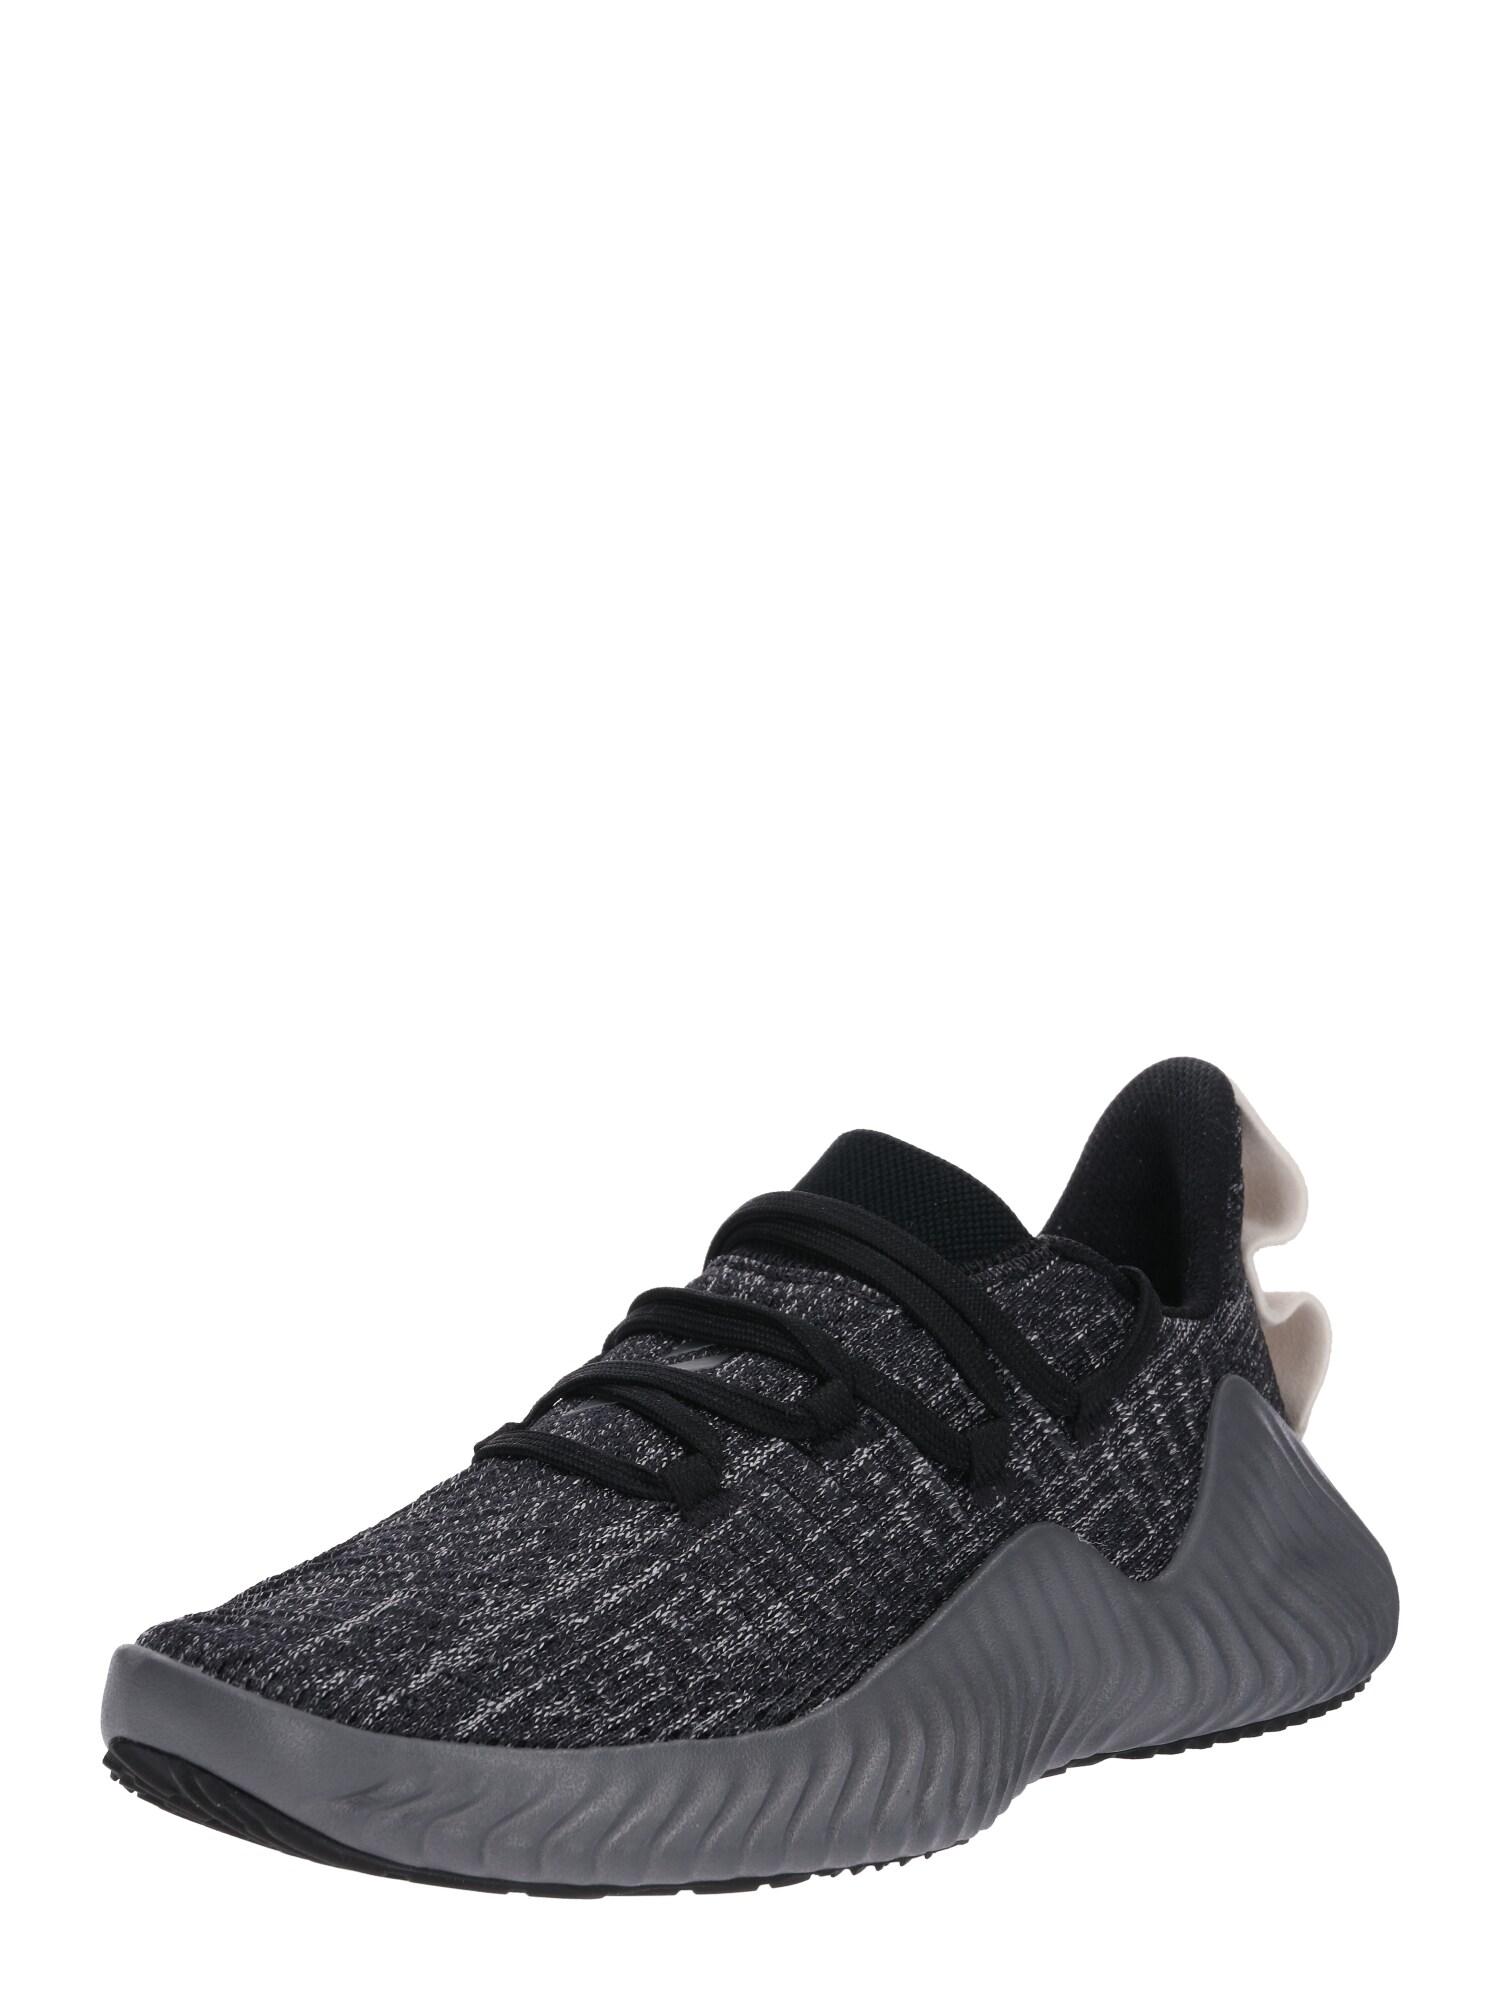 Sportovní boty AlphaBOUNCE TRAINER tmavě šedá černá ADIDAS PERFORMANCE